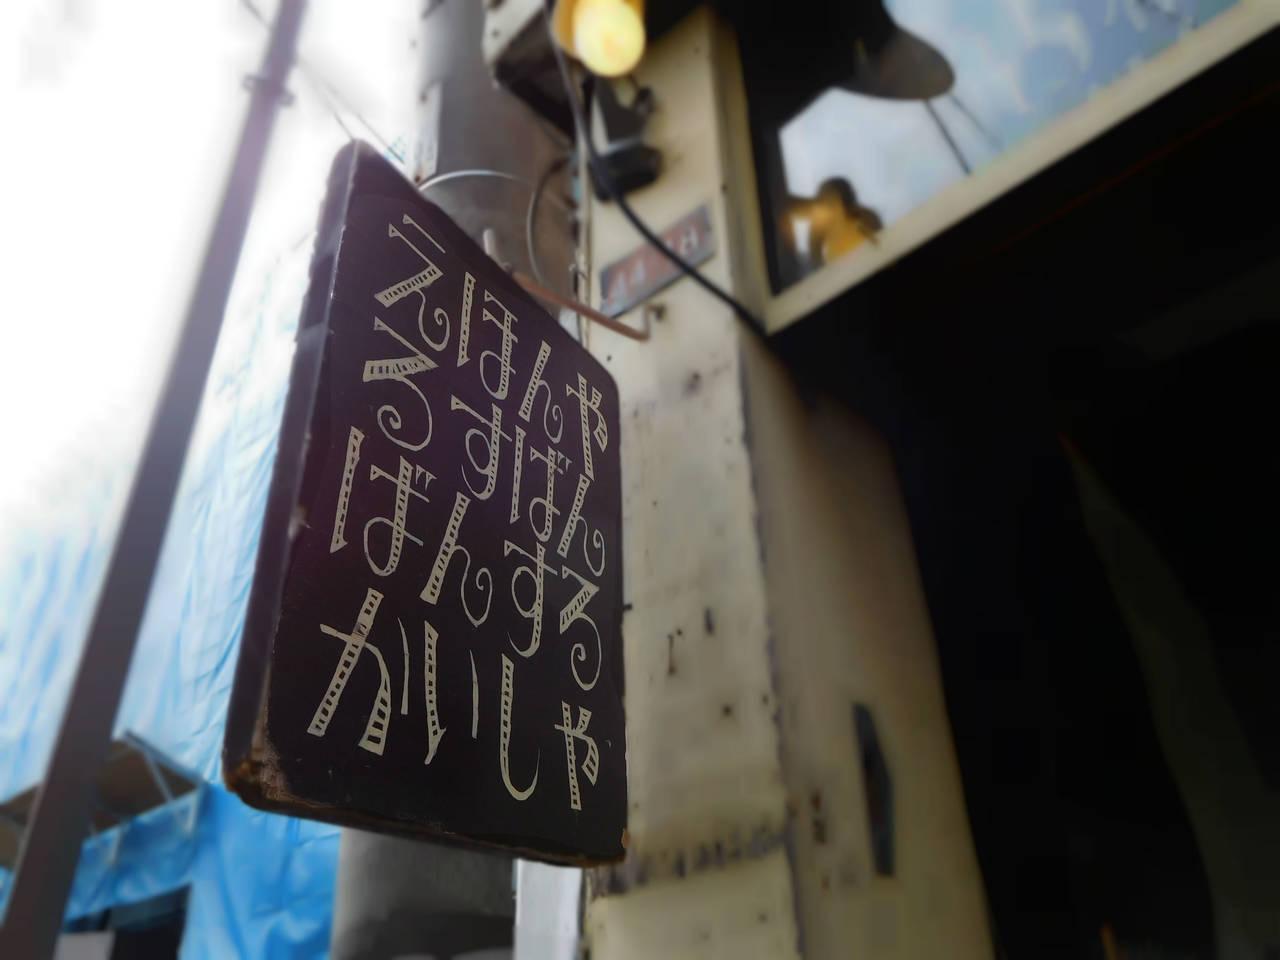 【東京・高円寺】ユニークな古絵本屋「えほんや るすばんばんするかいしゃ」